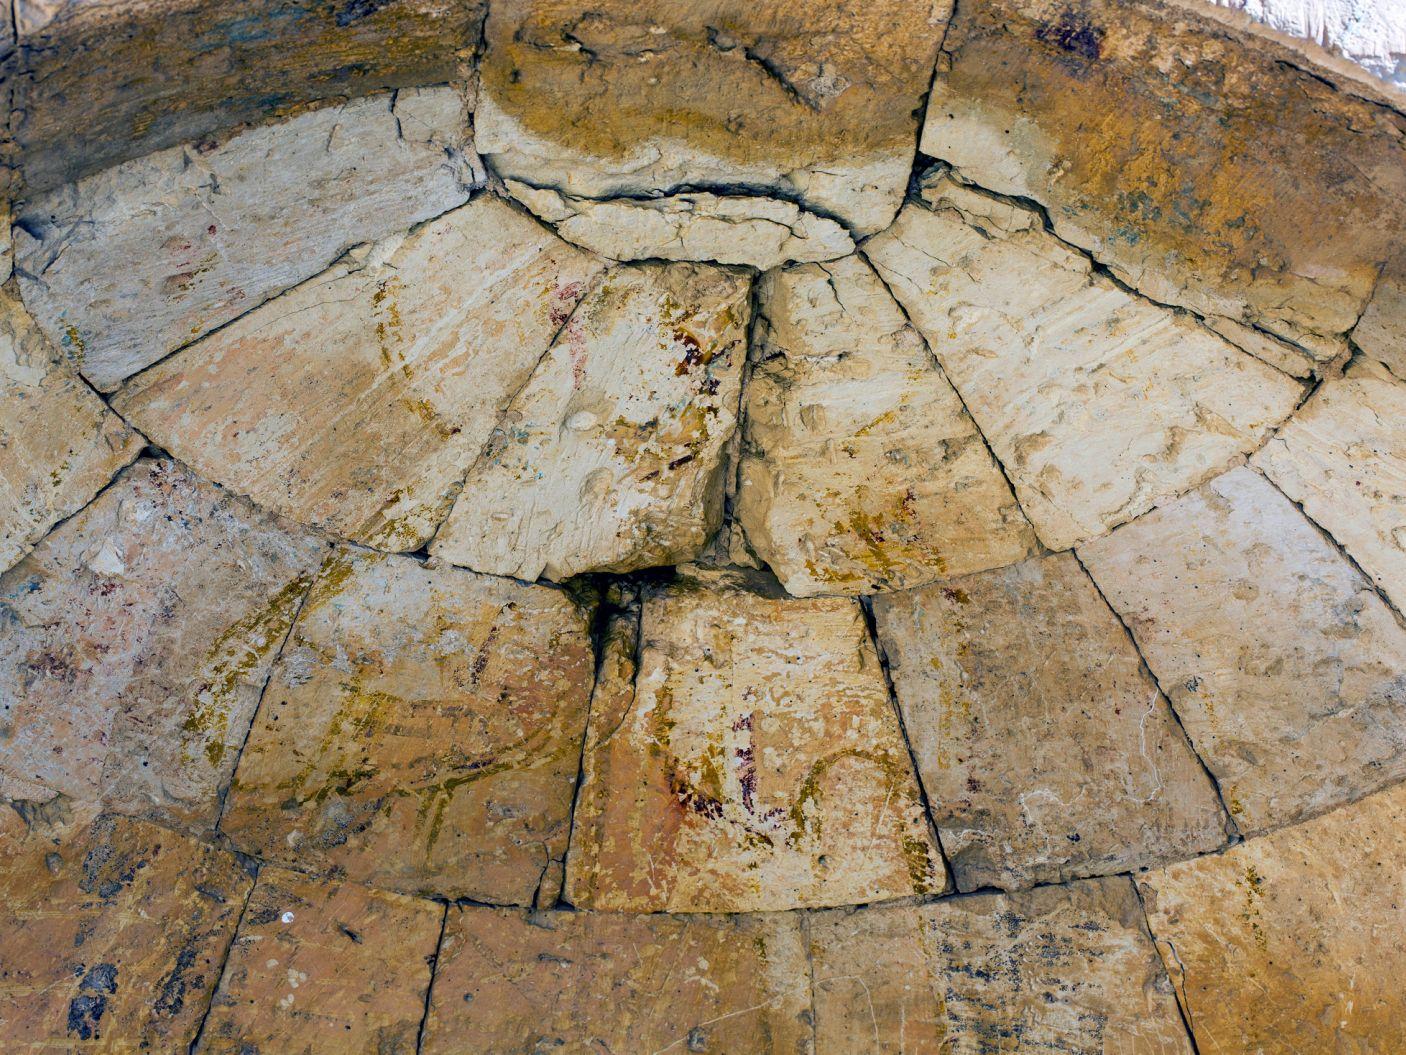 como-era-jesus-fisicamente-segun-ciencia-templo-shivta-israel